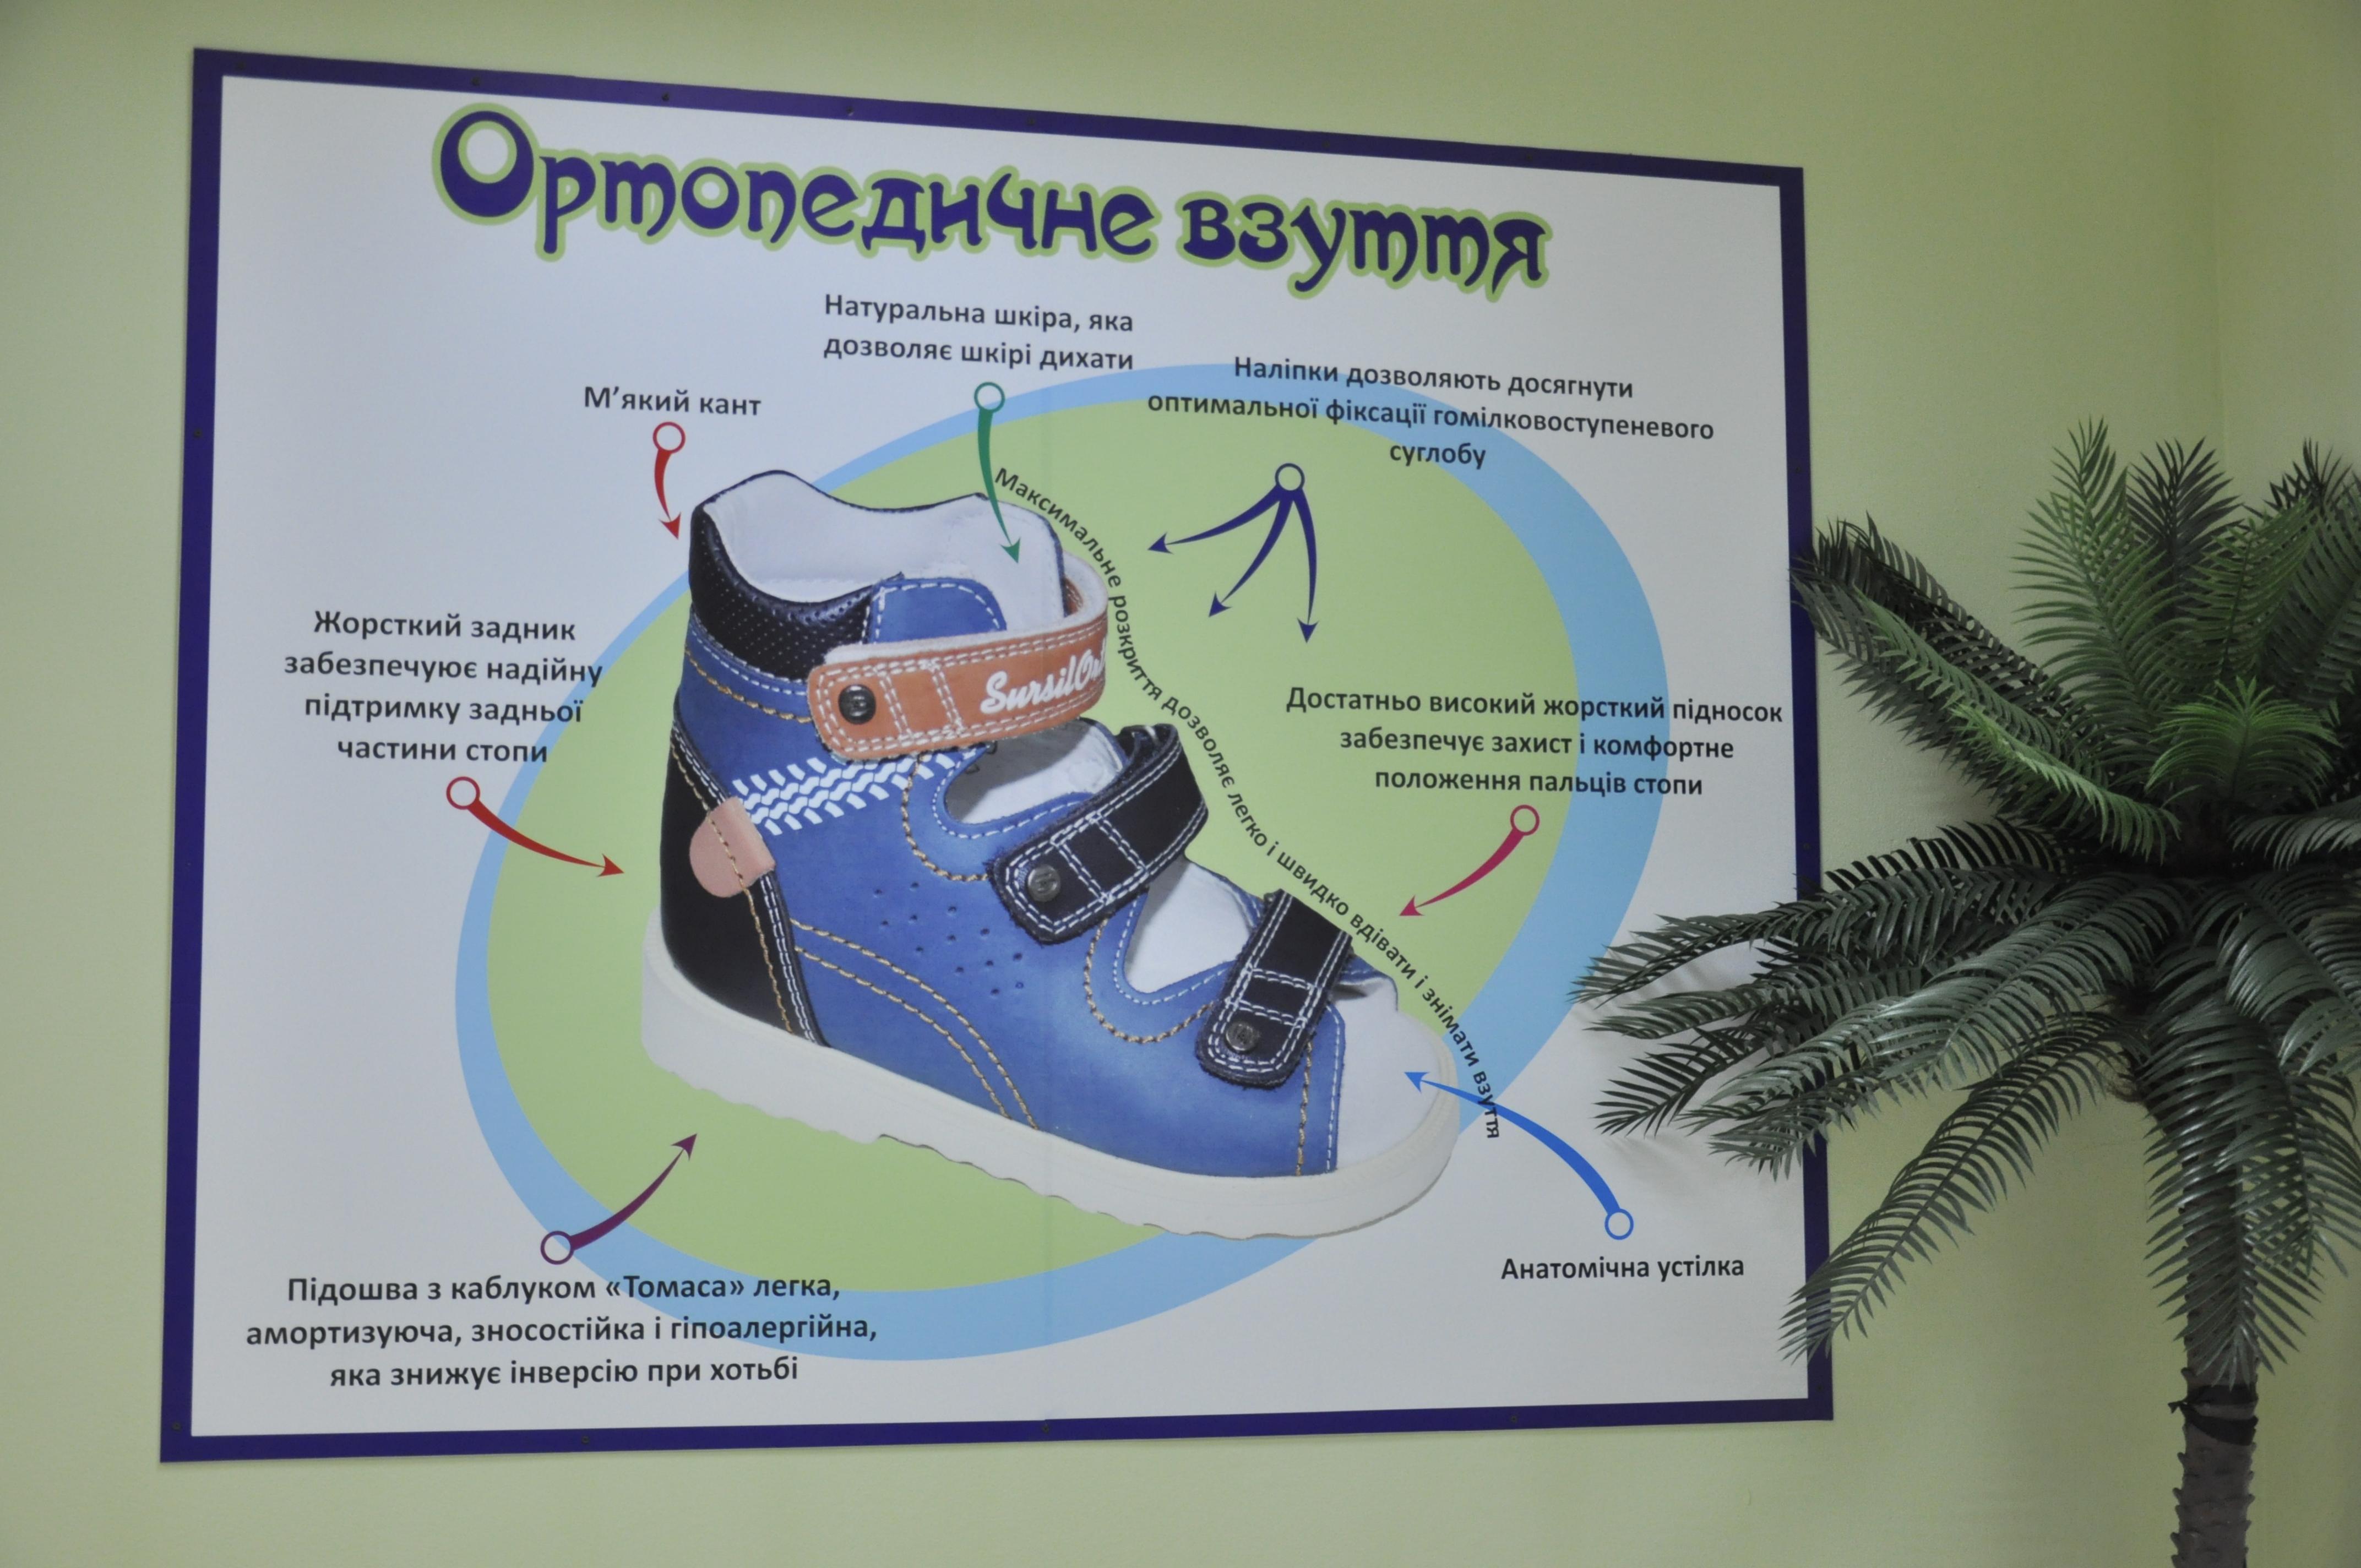 Ортопедичний центр .